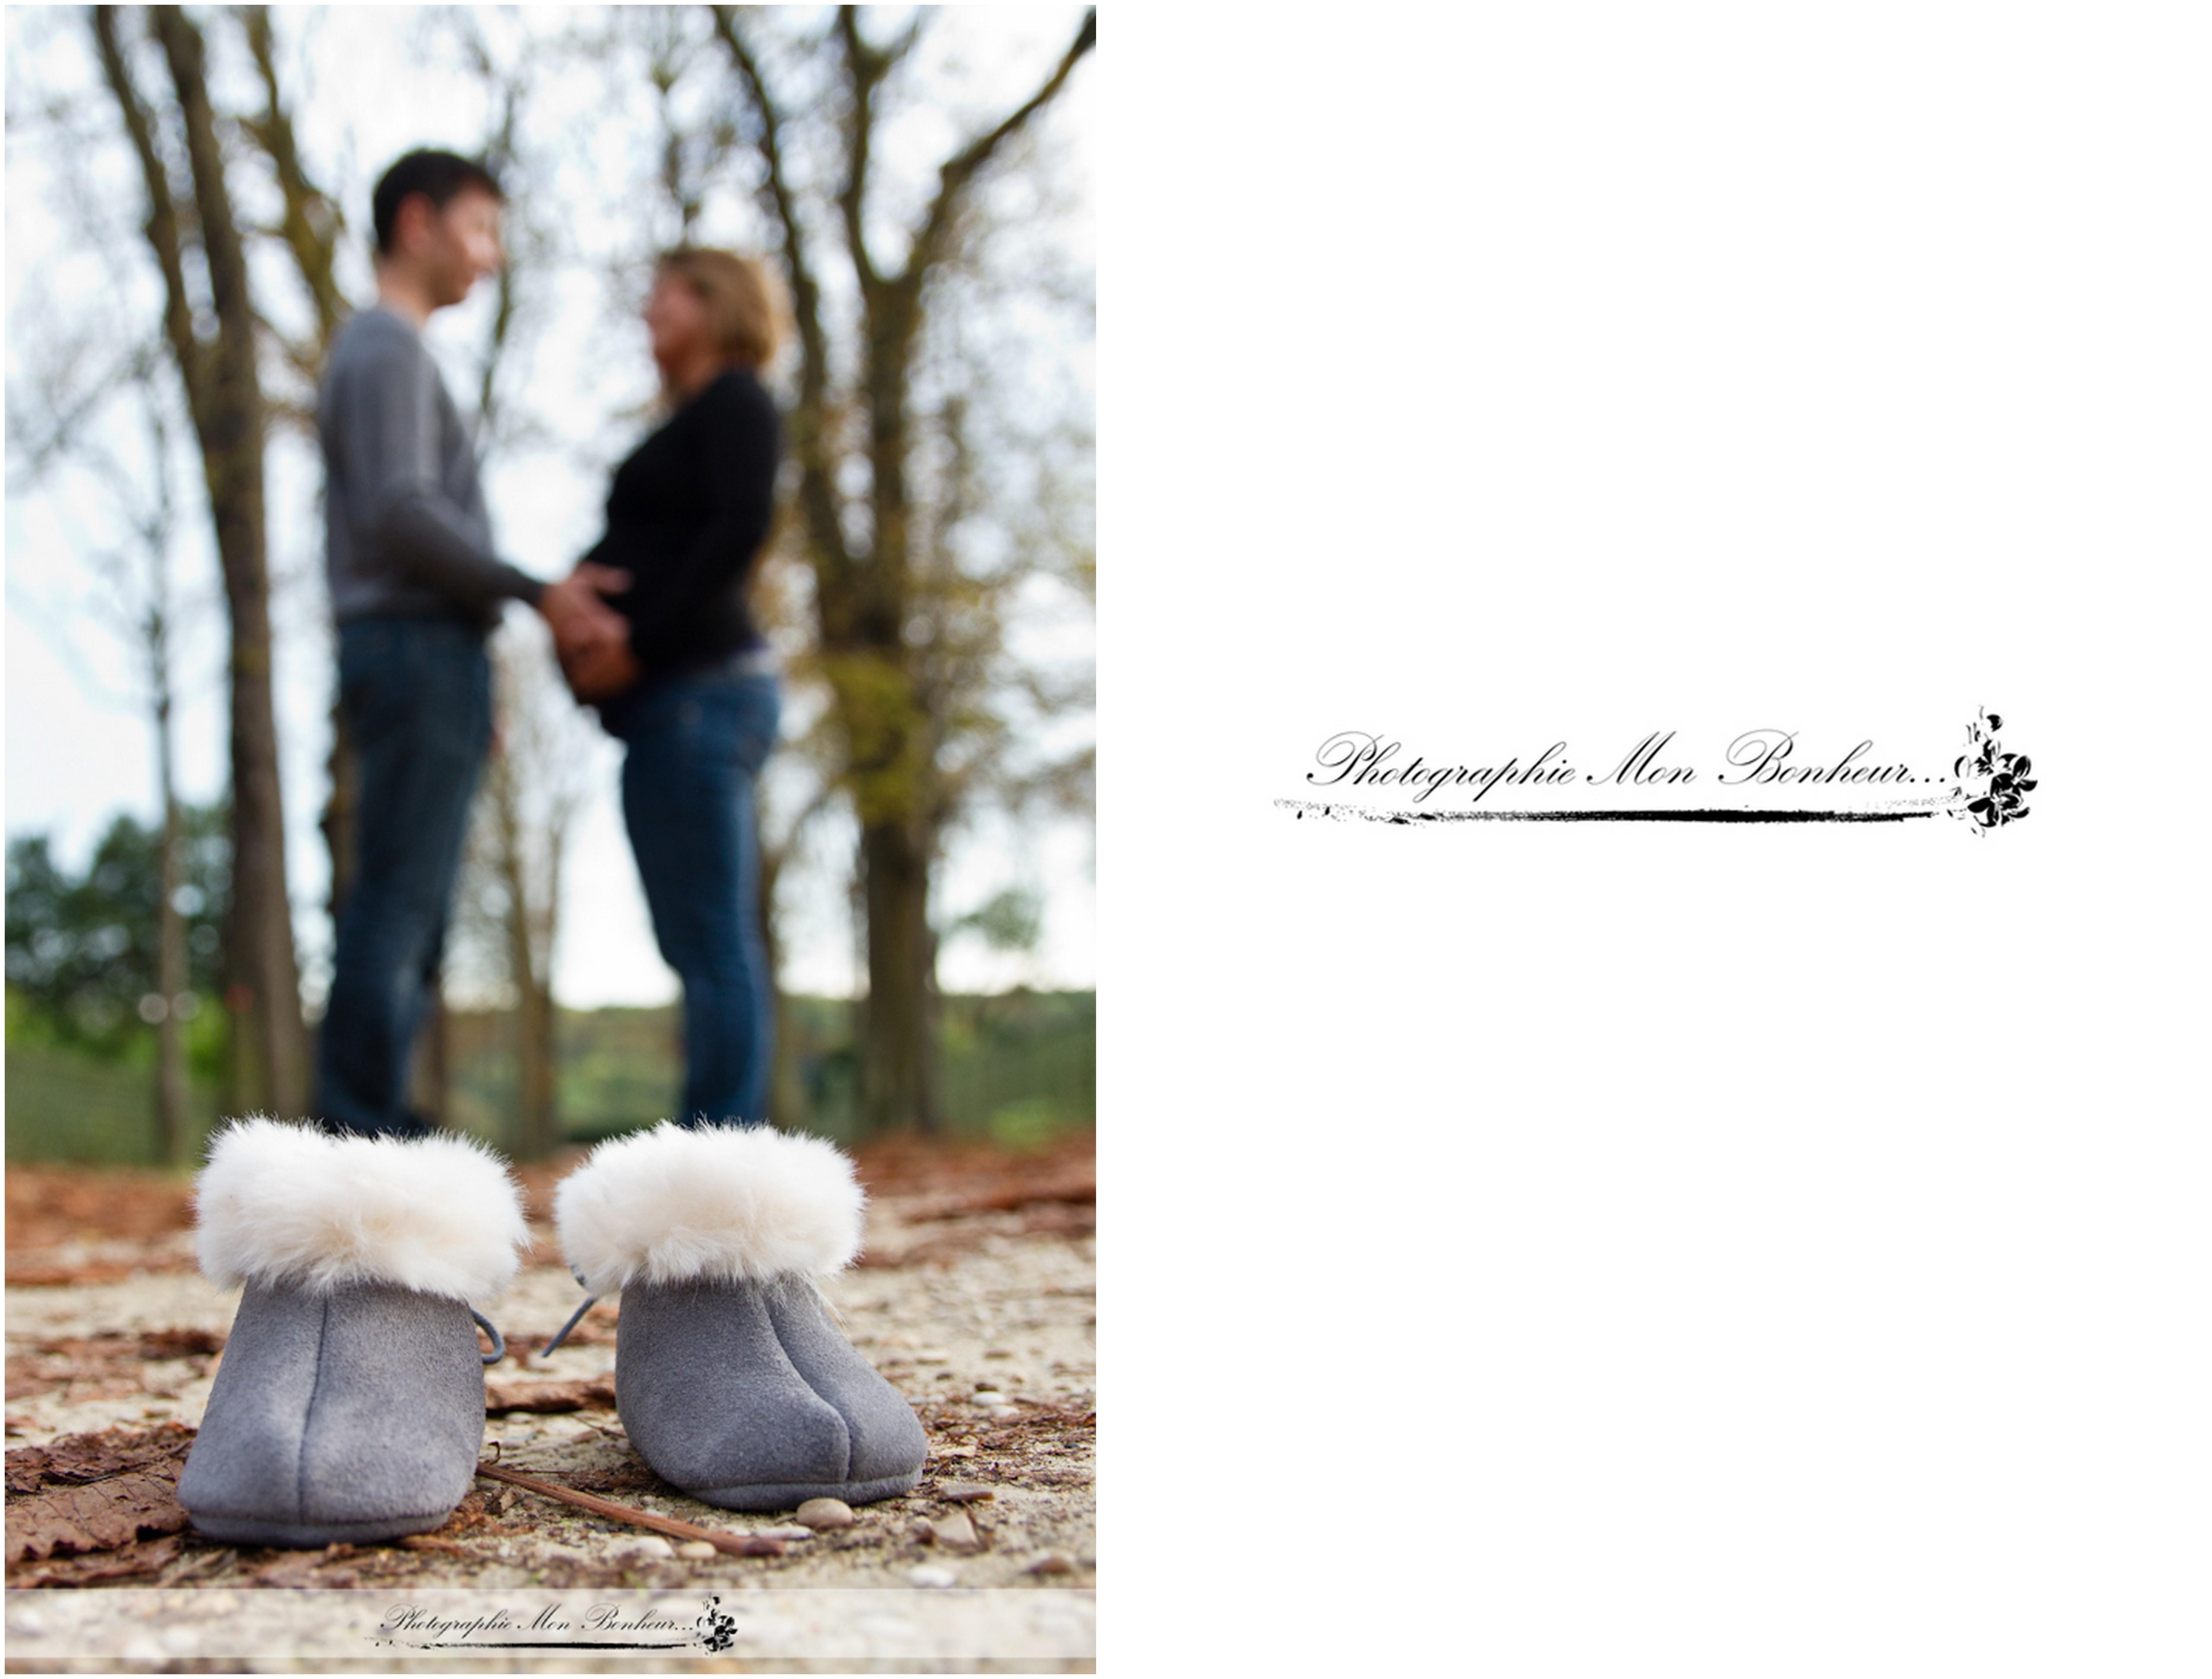 photographe de maternit saint cloud 92 s ance grossesse domicile portrait de couple en. Black Bedroom Furniture Sets. Home Design Ideas